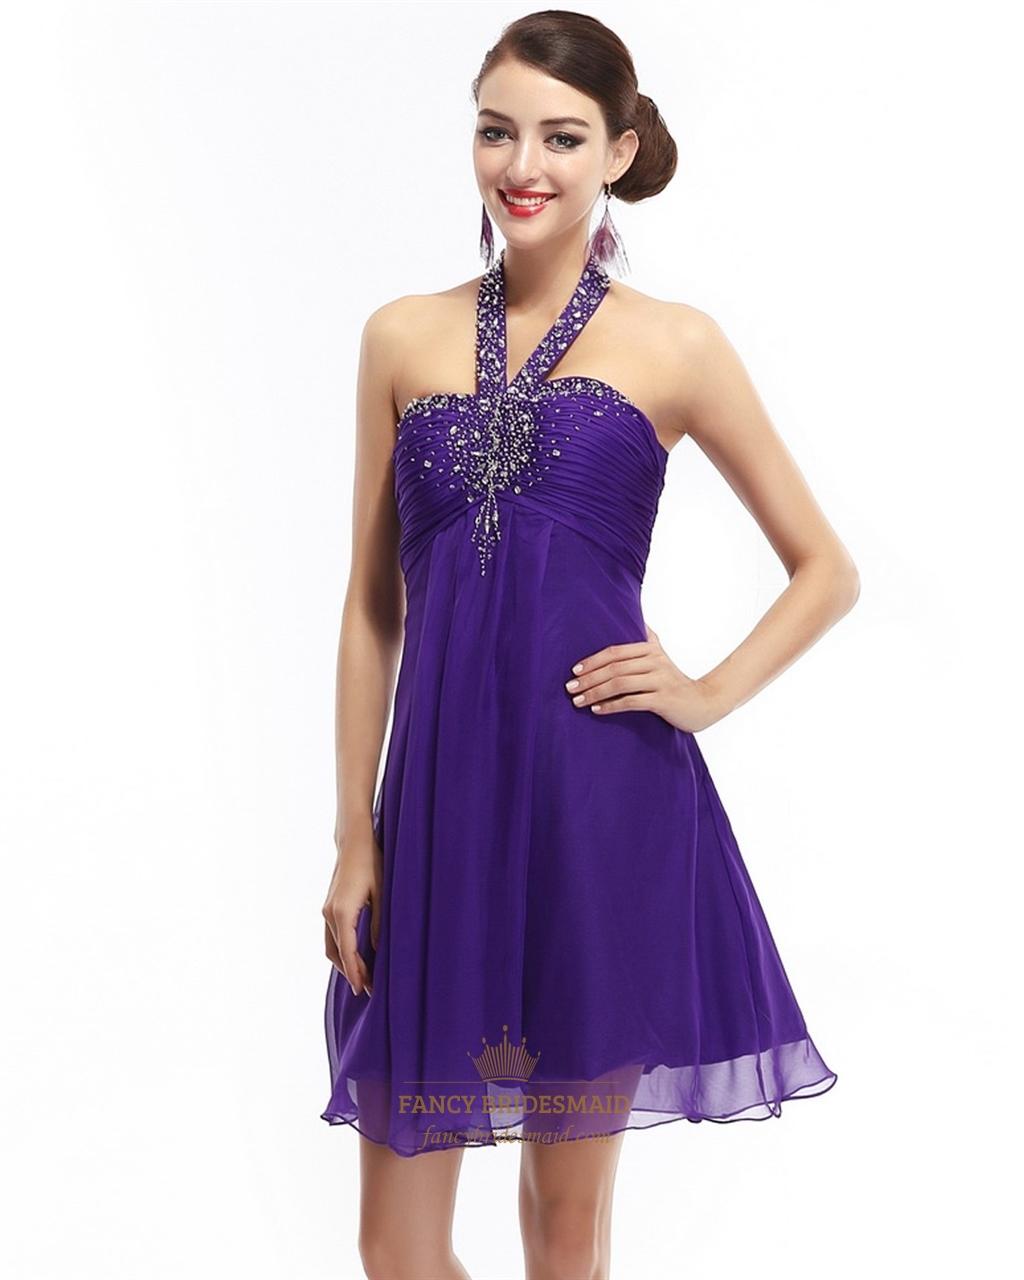 Embellished Empire Dress